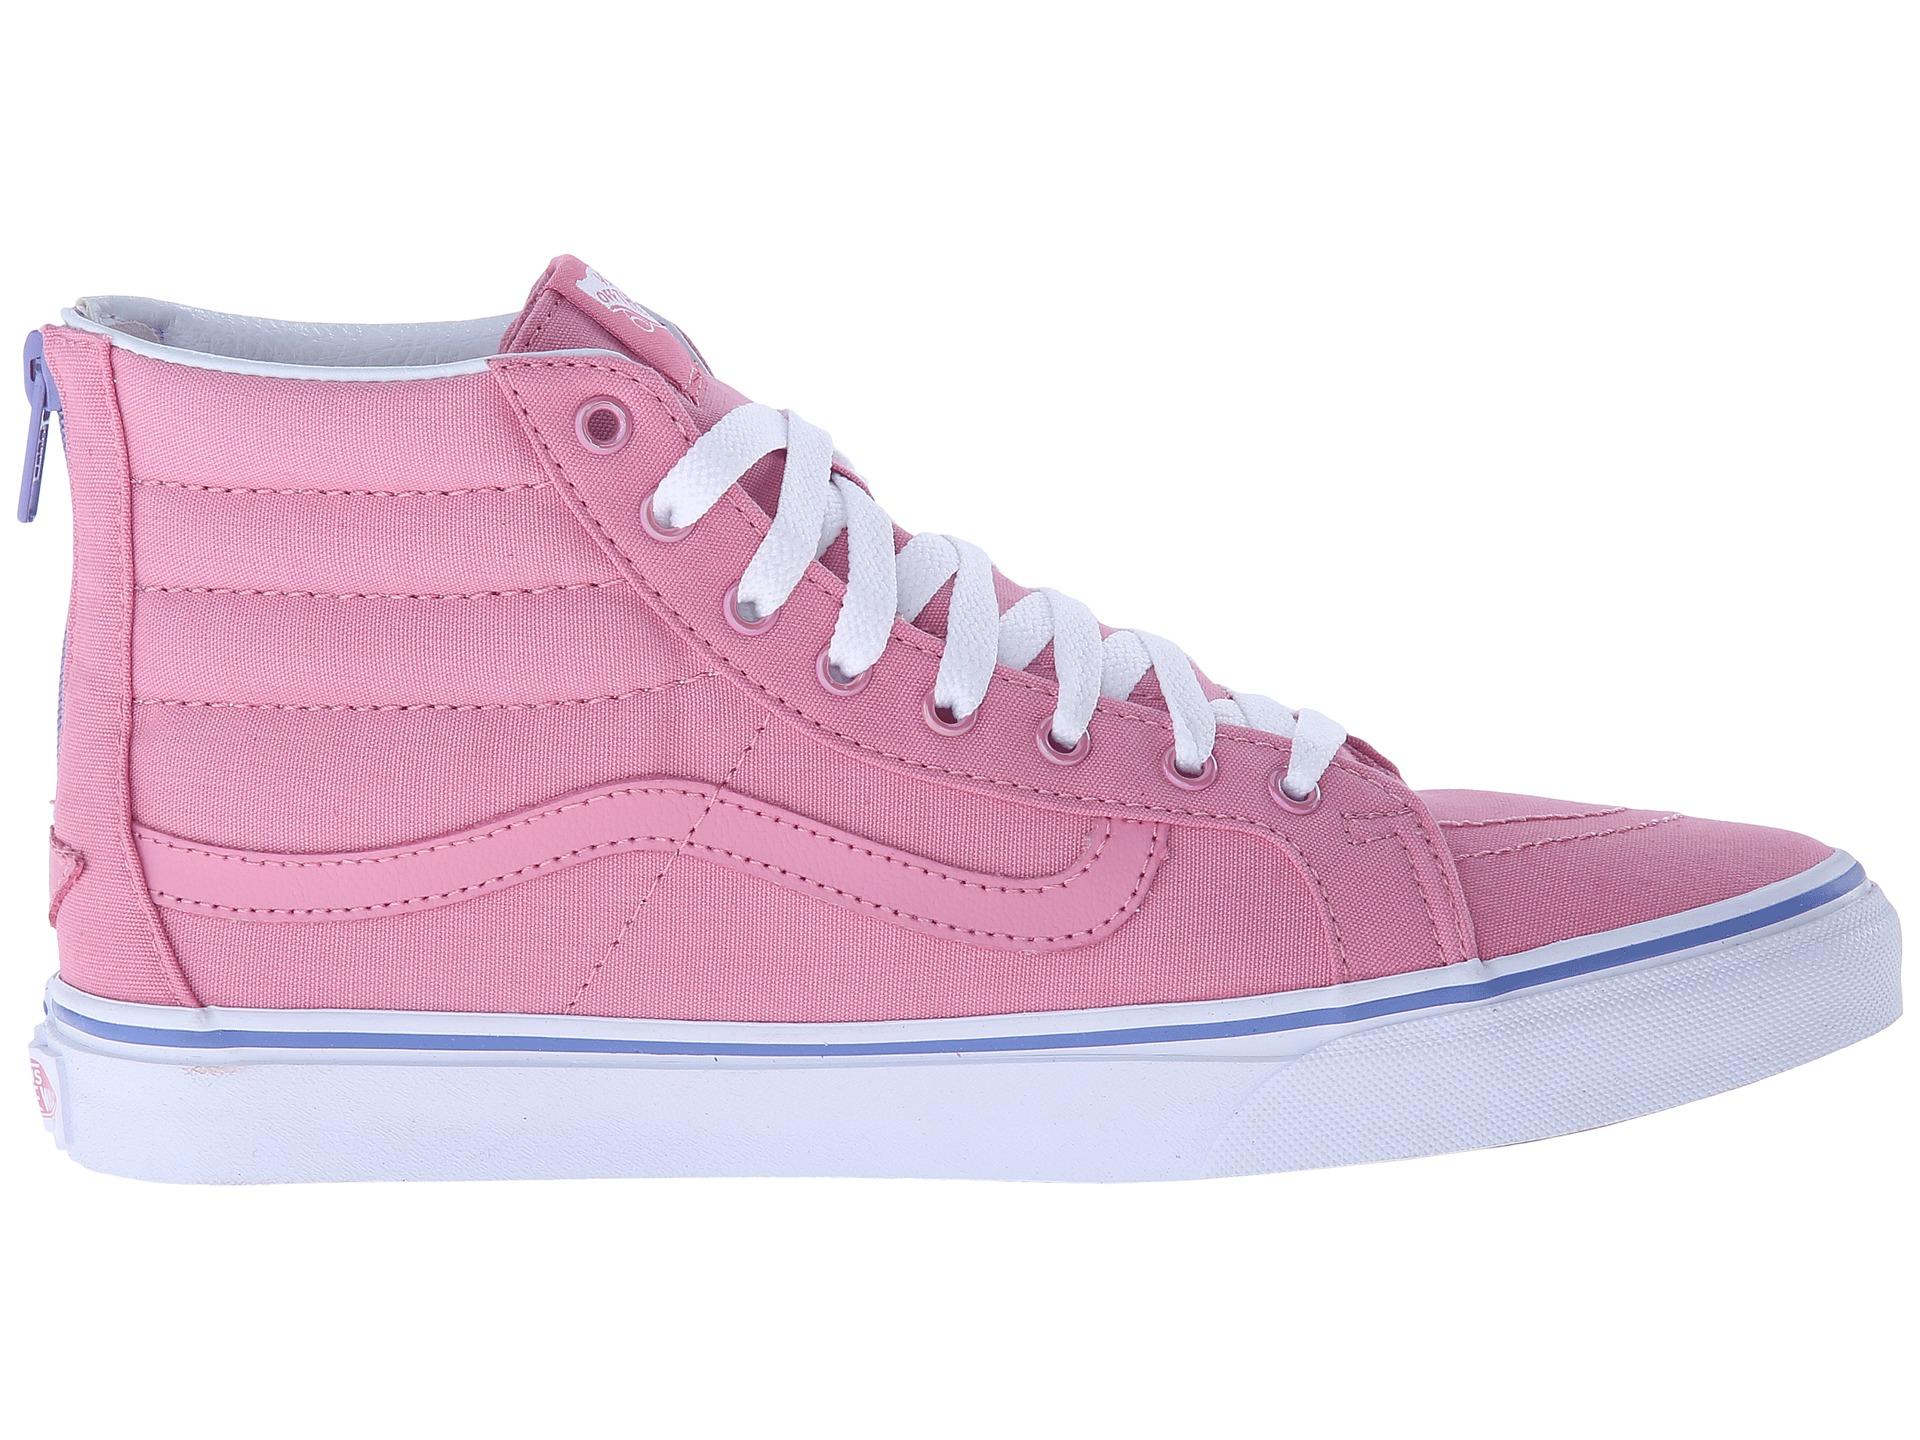 11eb3ed722 Lyst - Vans Sk8-hi Slim Zip in Pink